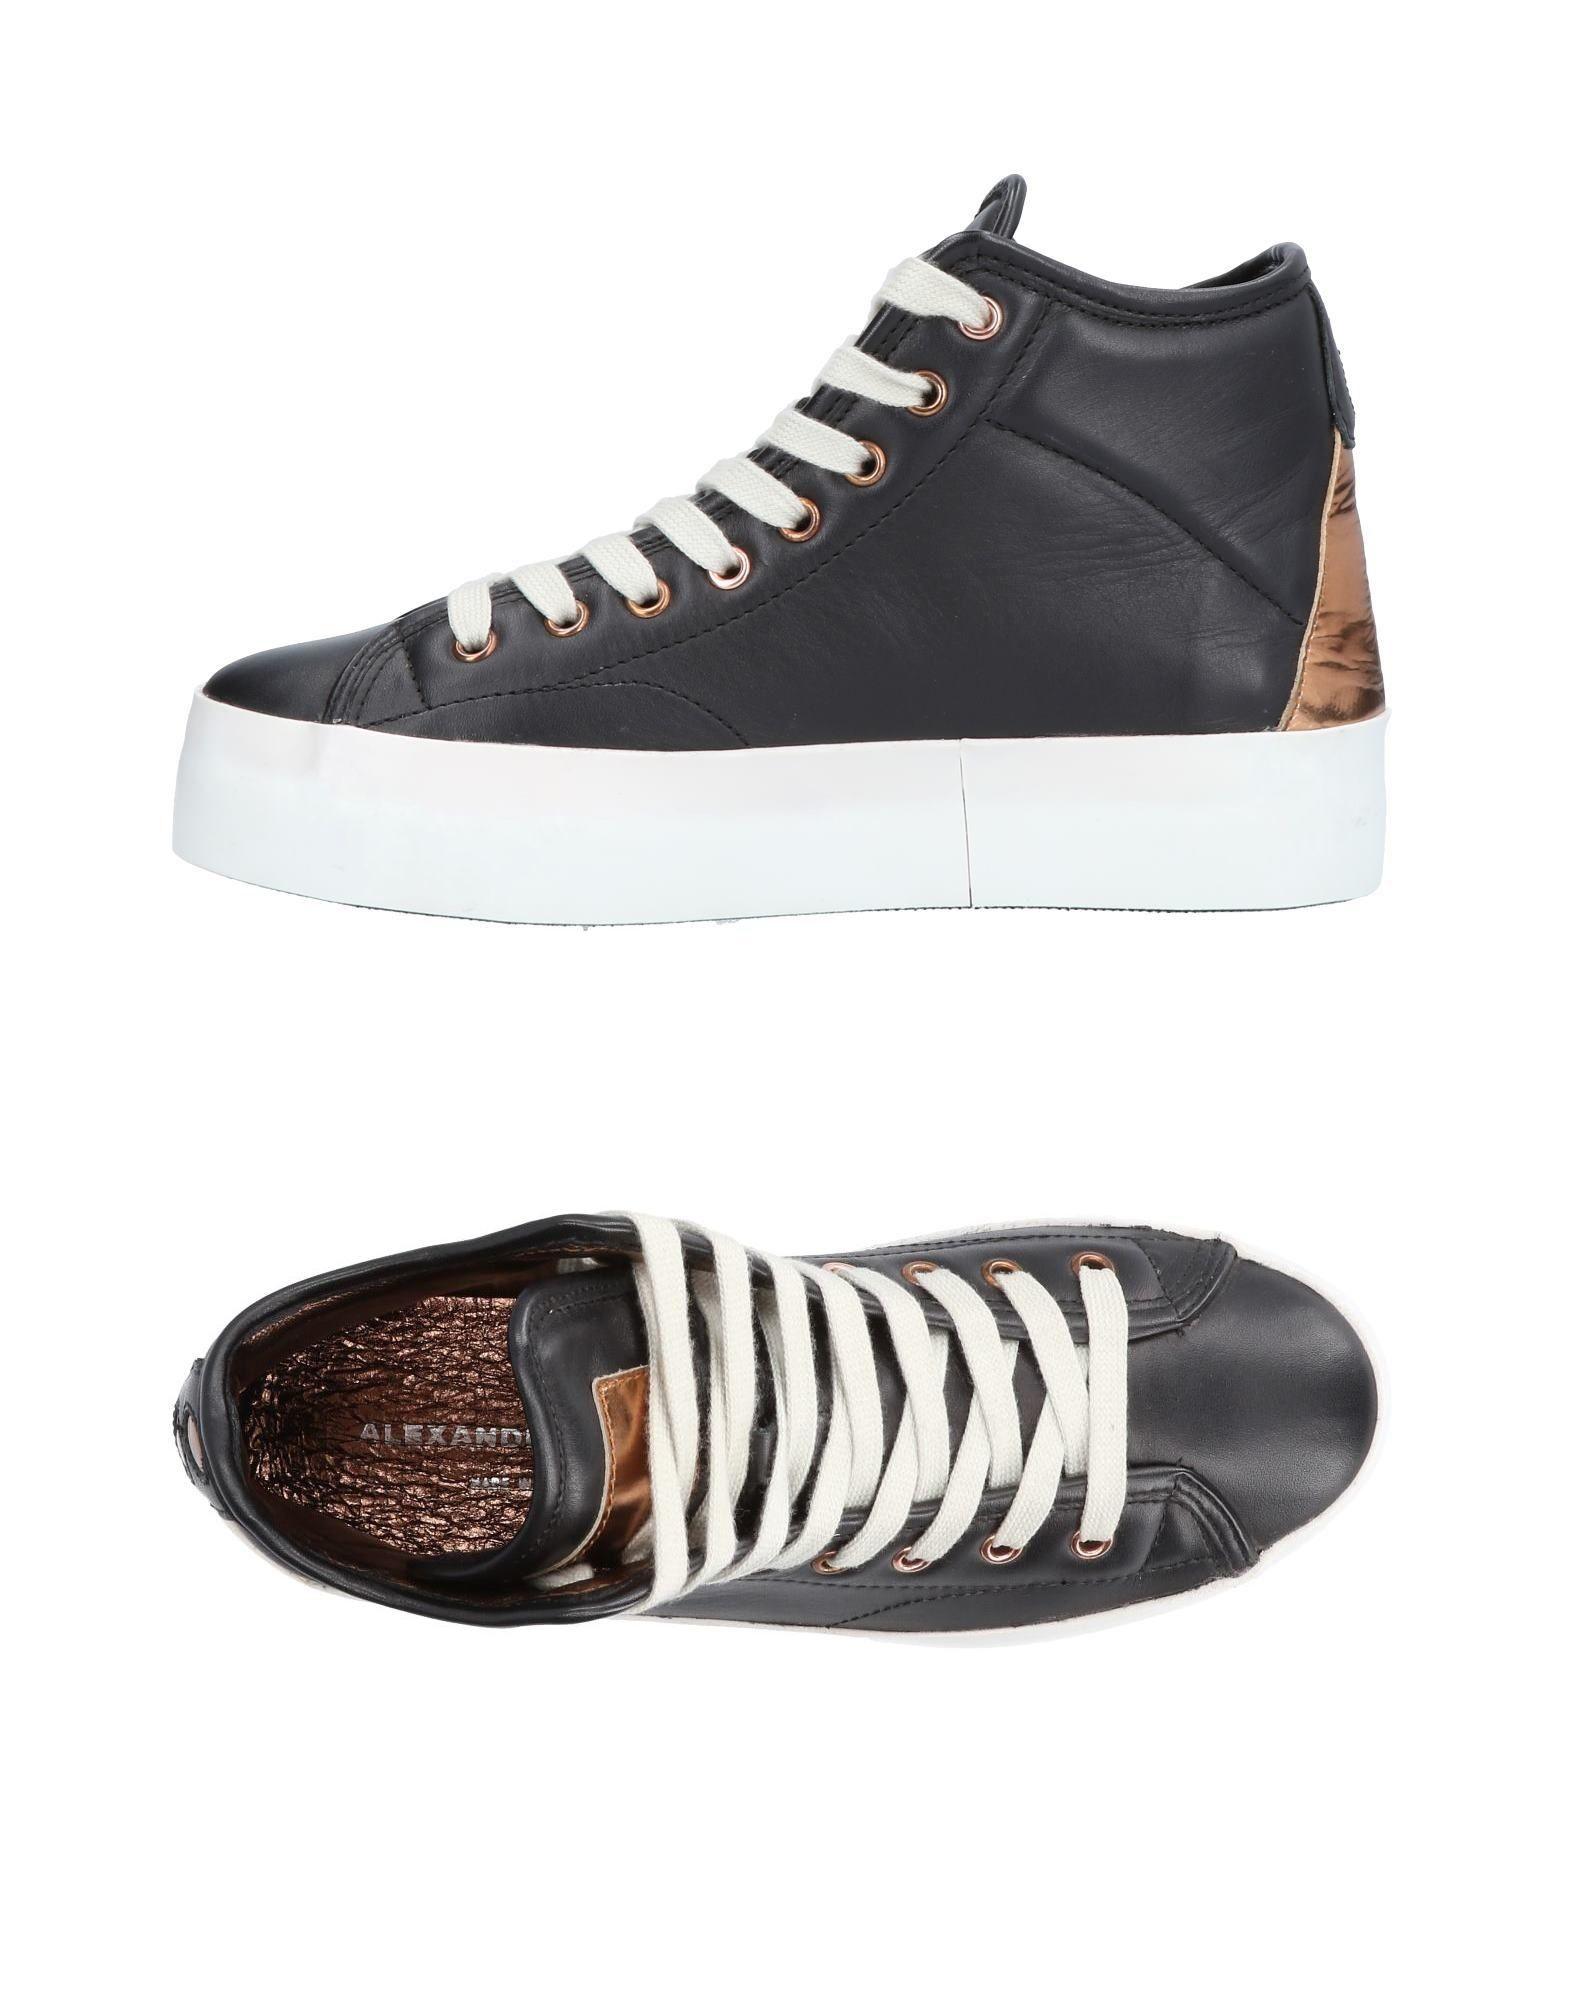 ALEXANDER SMITH Высокие кеды и кроссовки кеды кроссовки высокие dc evan smith hi black